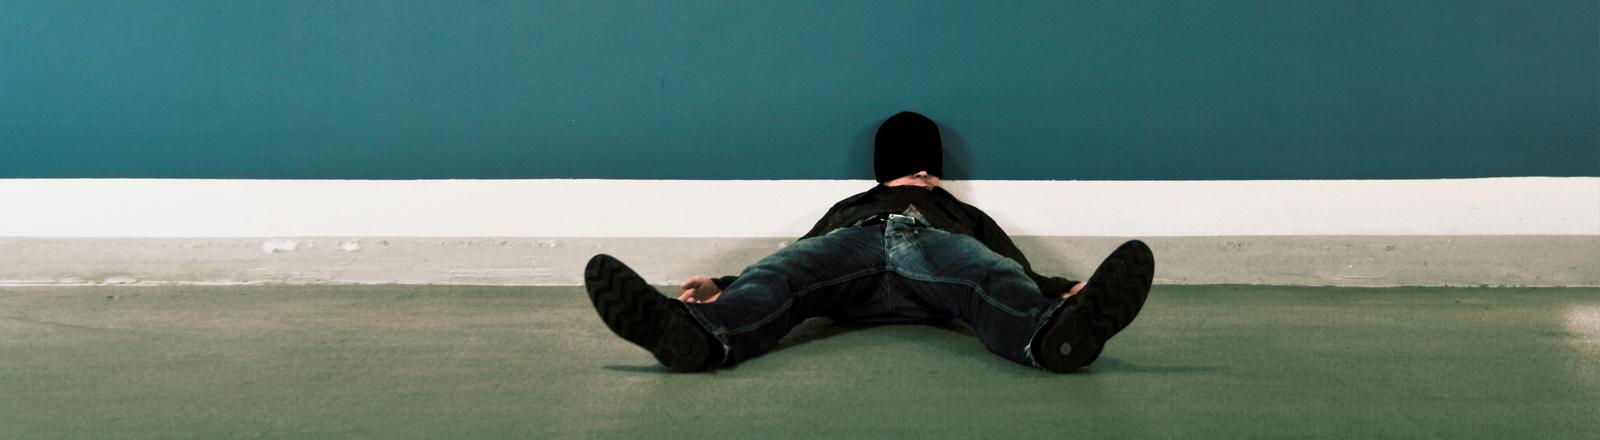 Ein Mann liegt auf dem Boden. Es wirkt so, als ob er schläft.